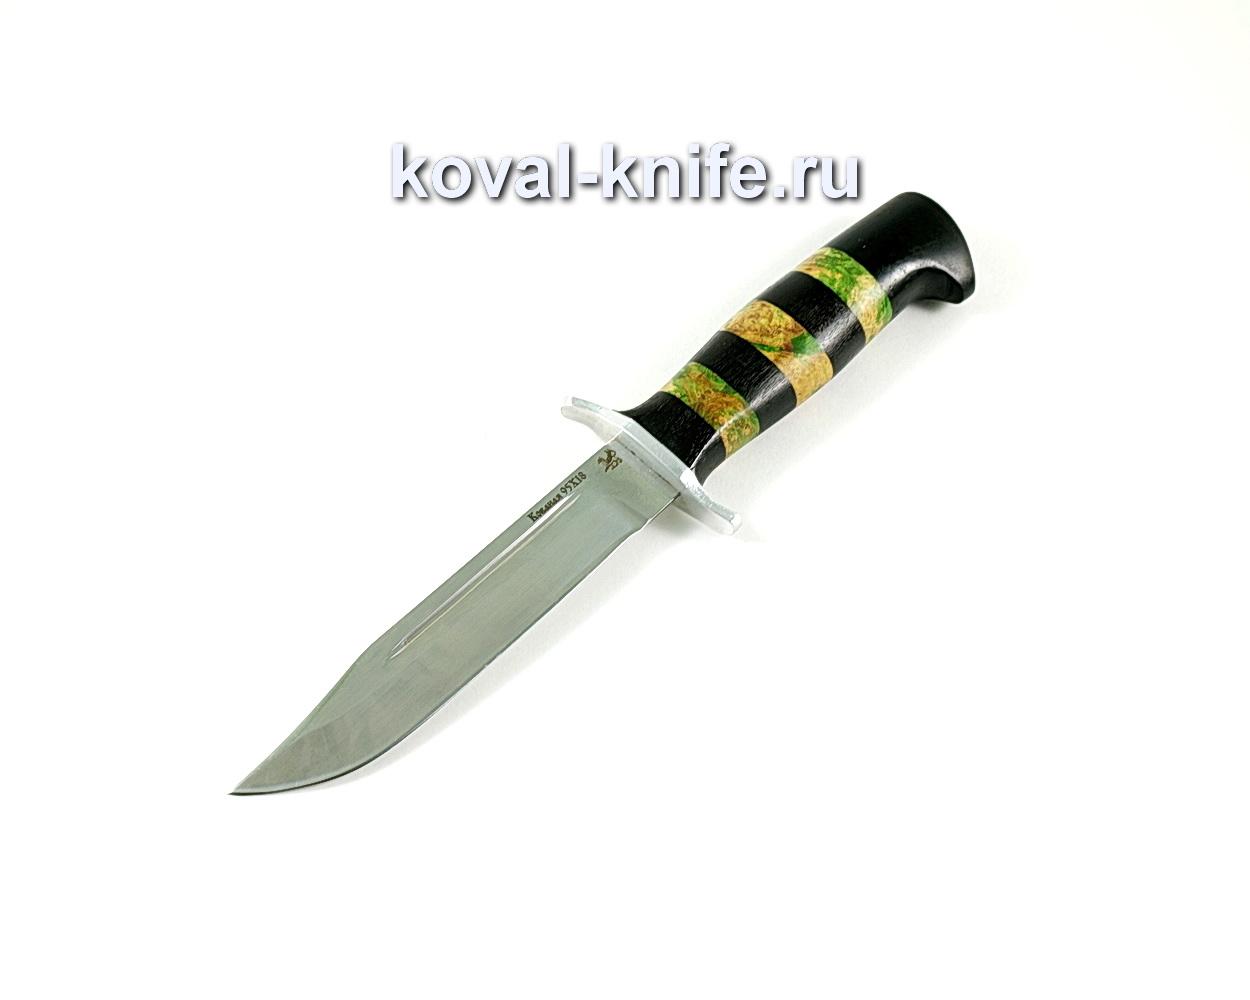 Нож Штрафбат (сталь 95х18), рукоять граб, корелка A235